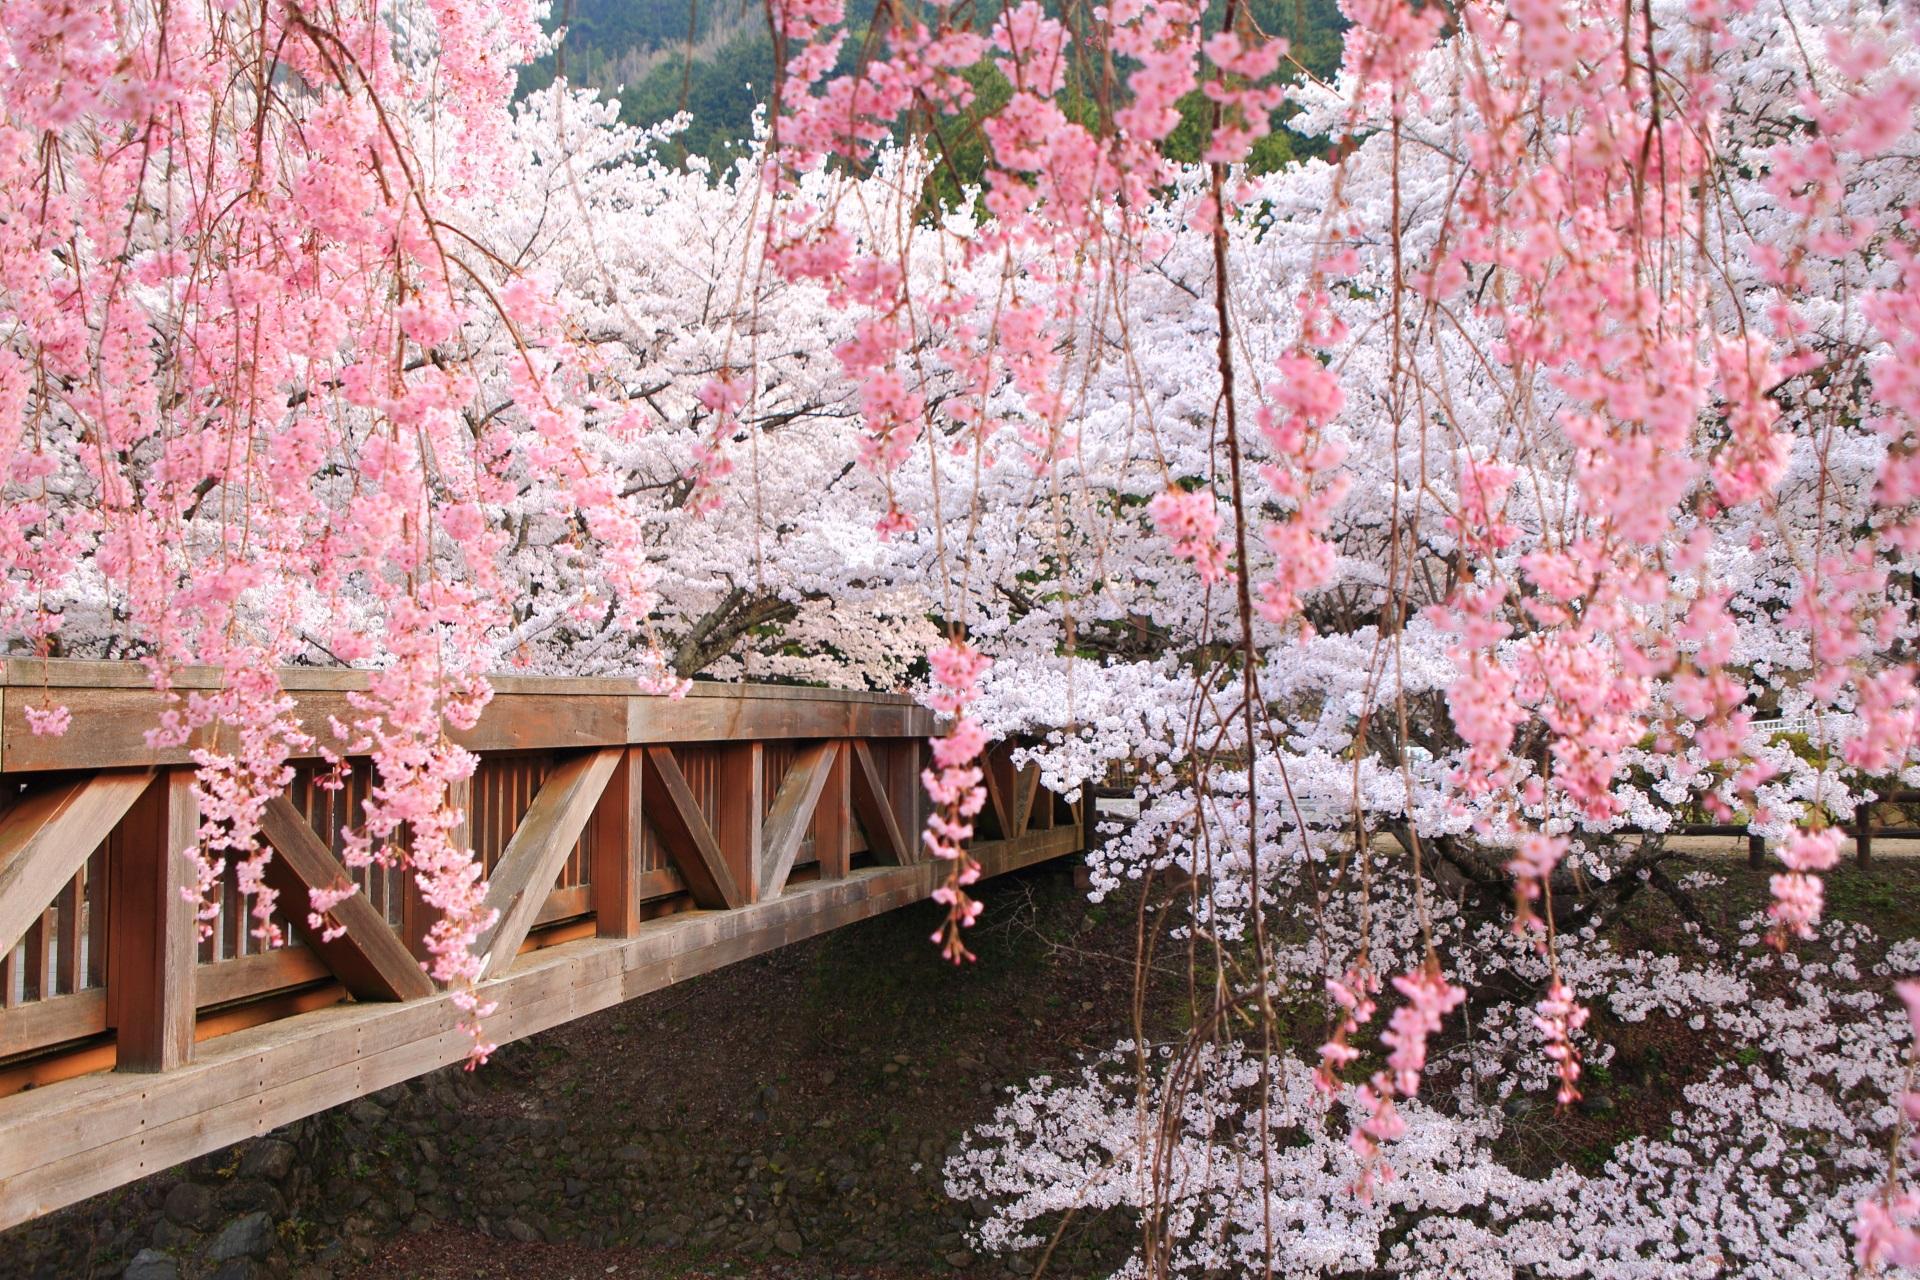 七谷川の華やかなソメイヨシノと春風に揺らぐしだれ桜